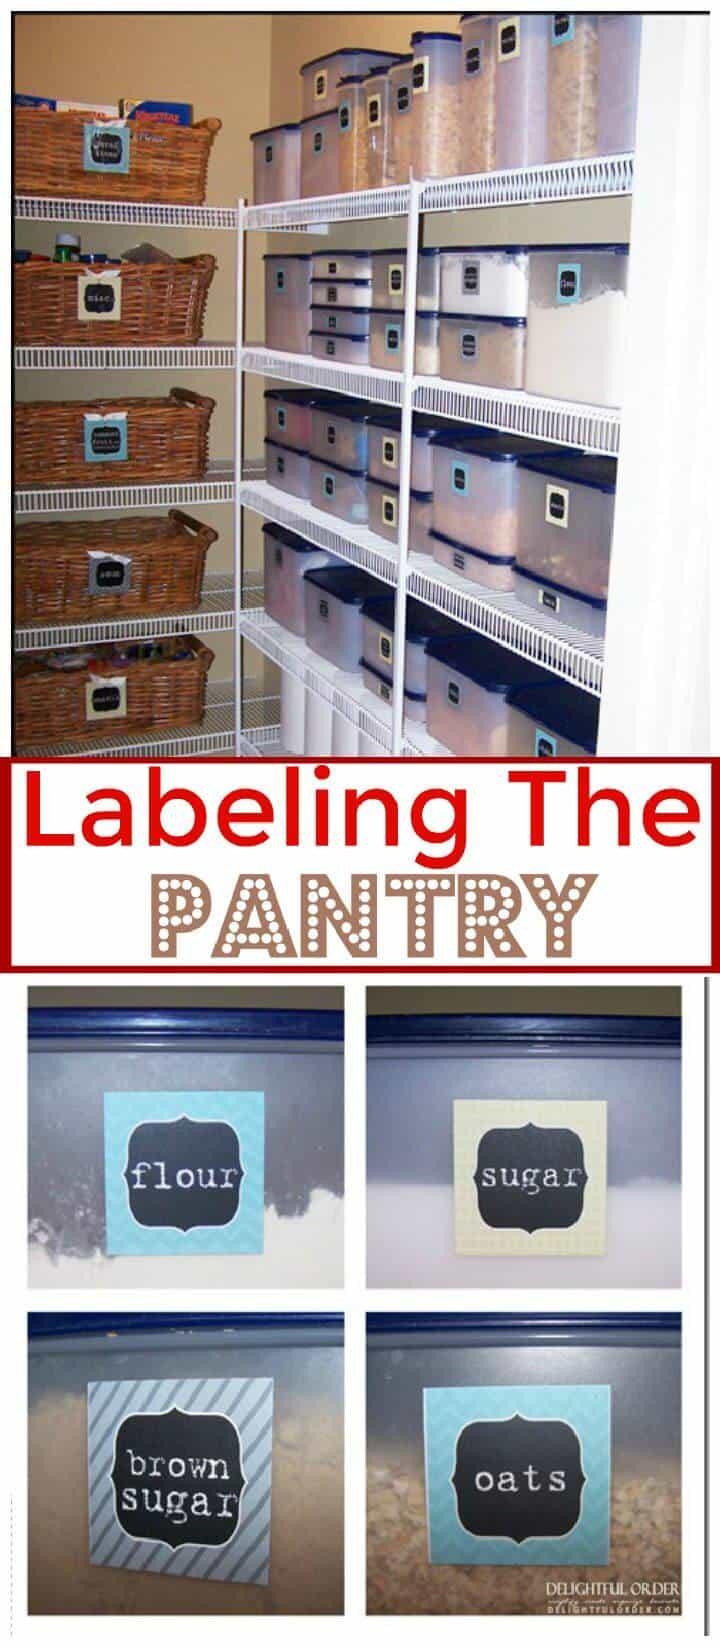 Etiquetado de la despensa